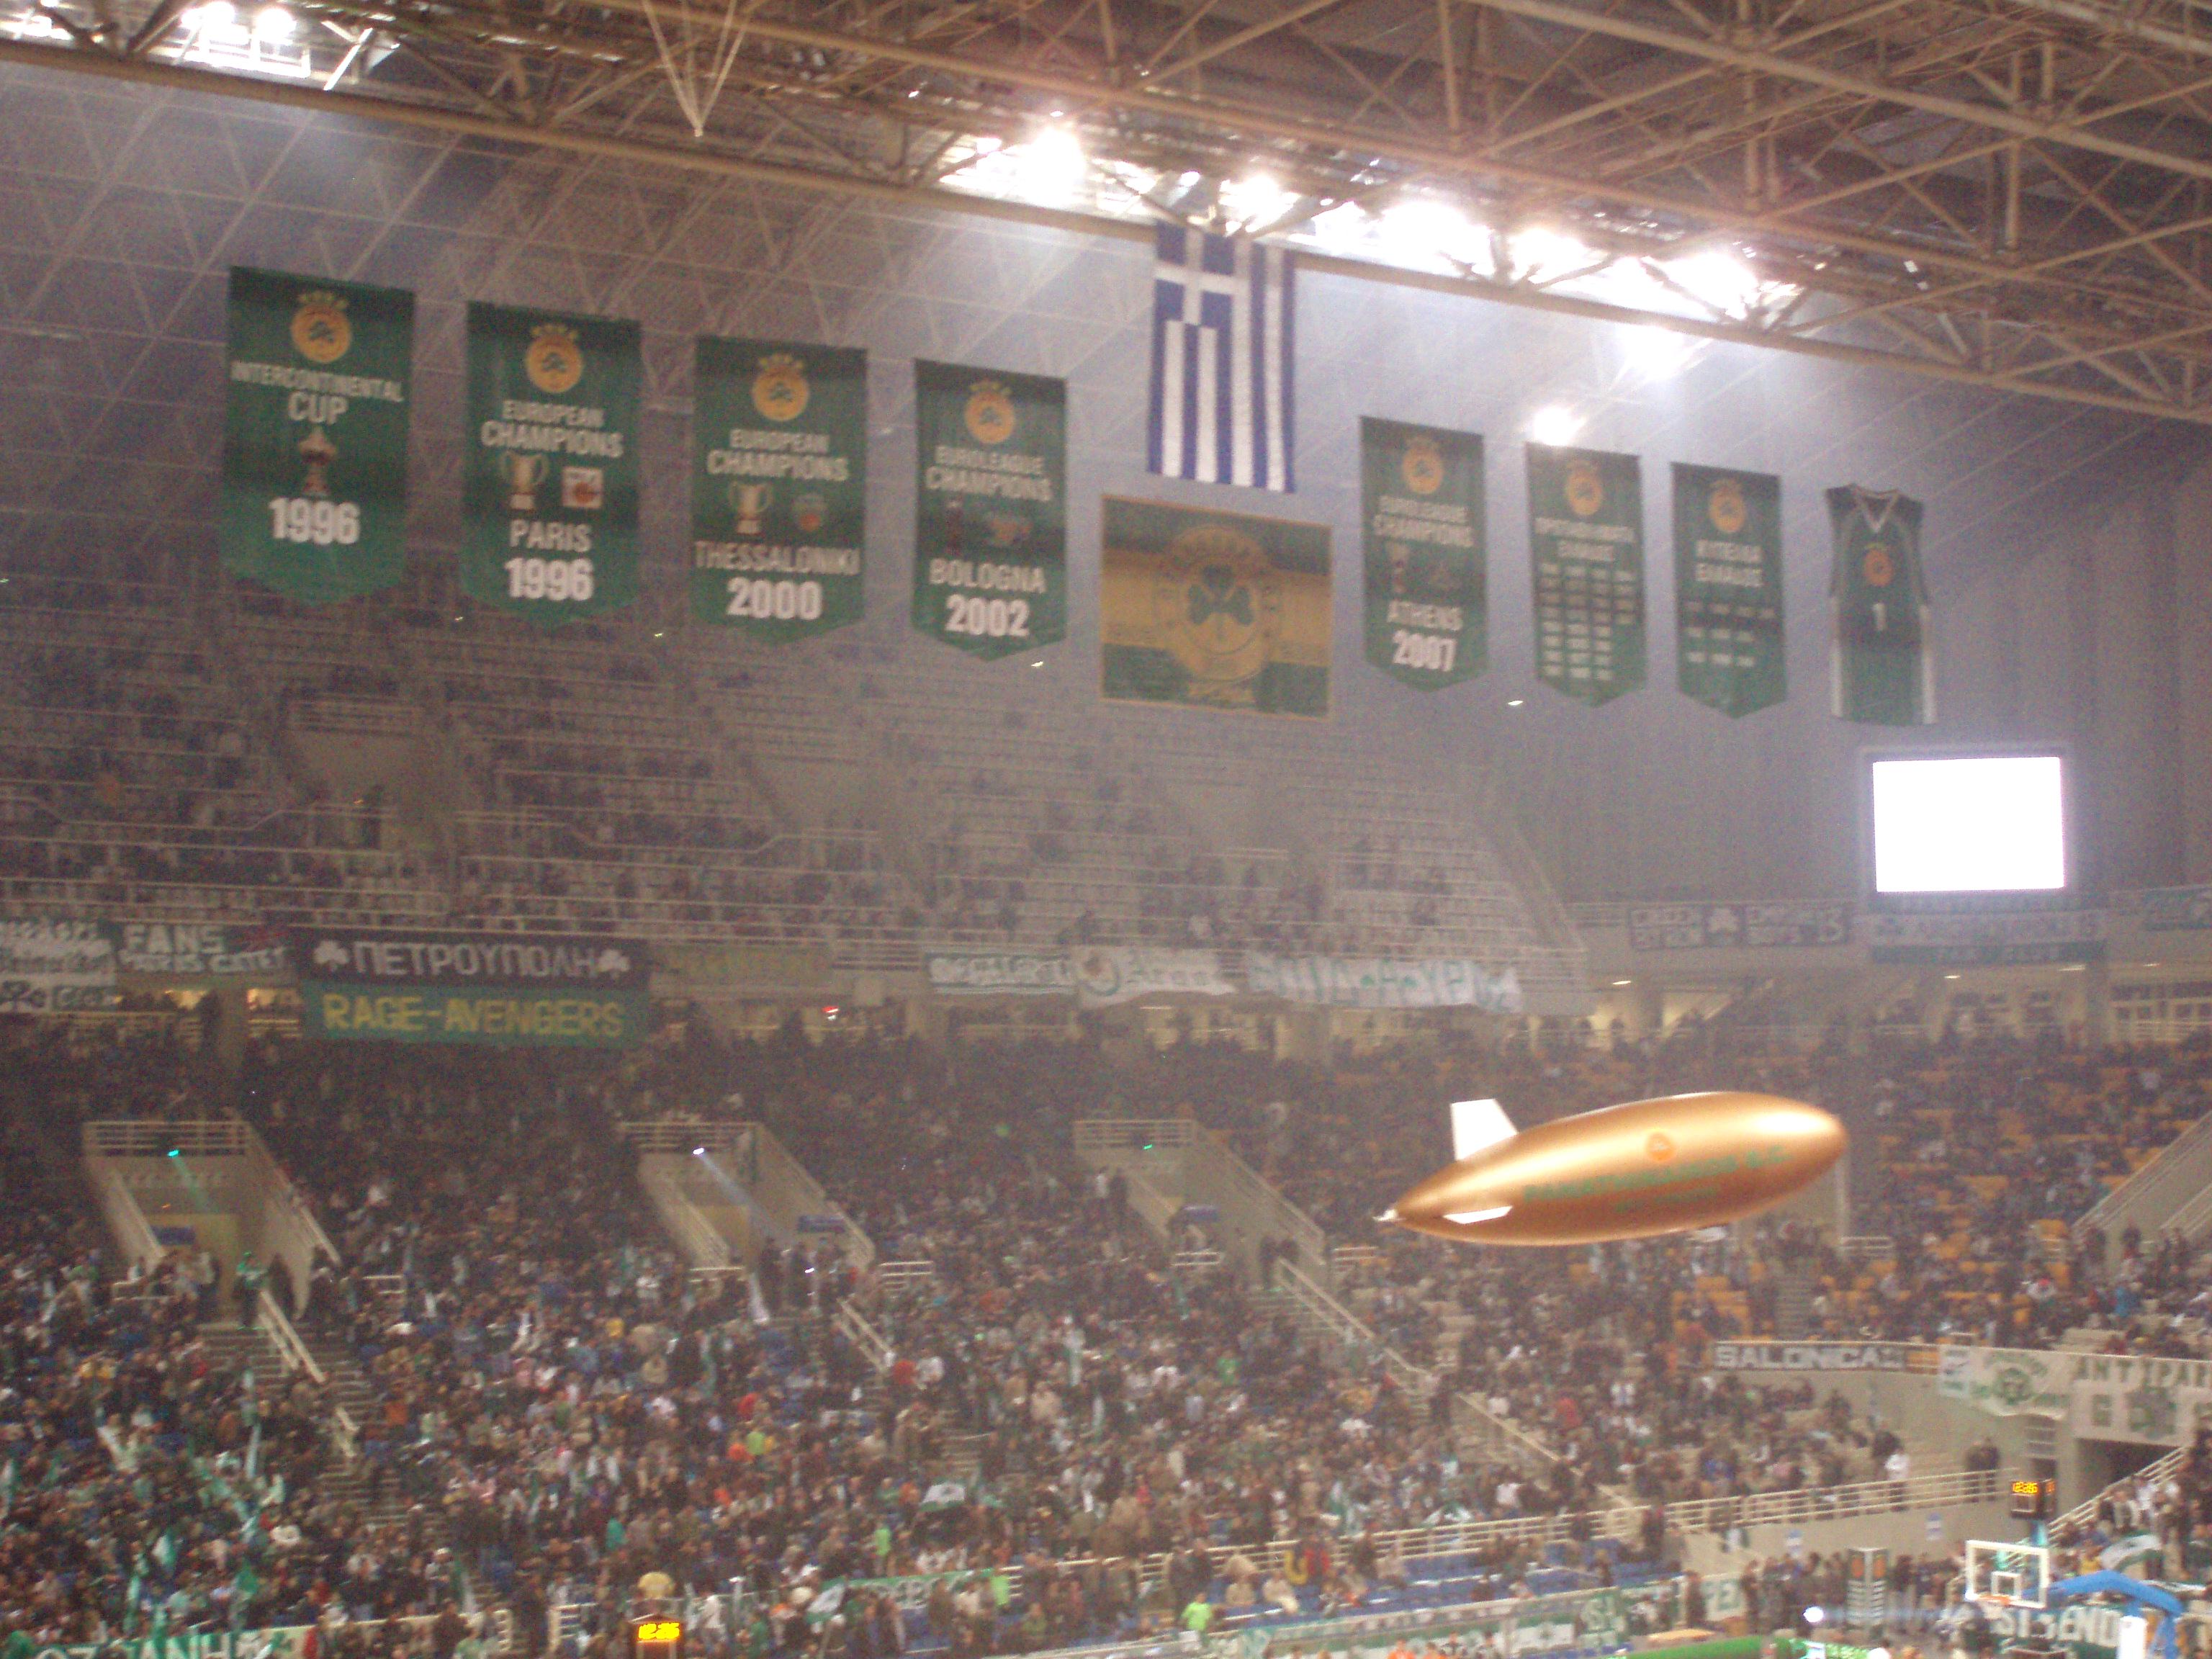 Panathinaikos banners at O.A.K.A.